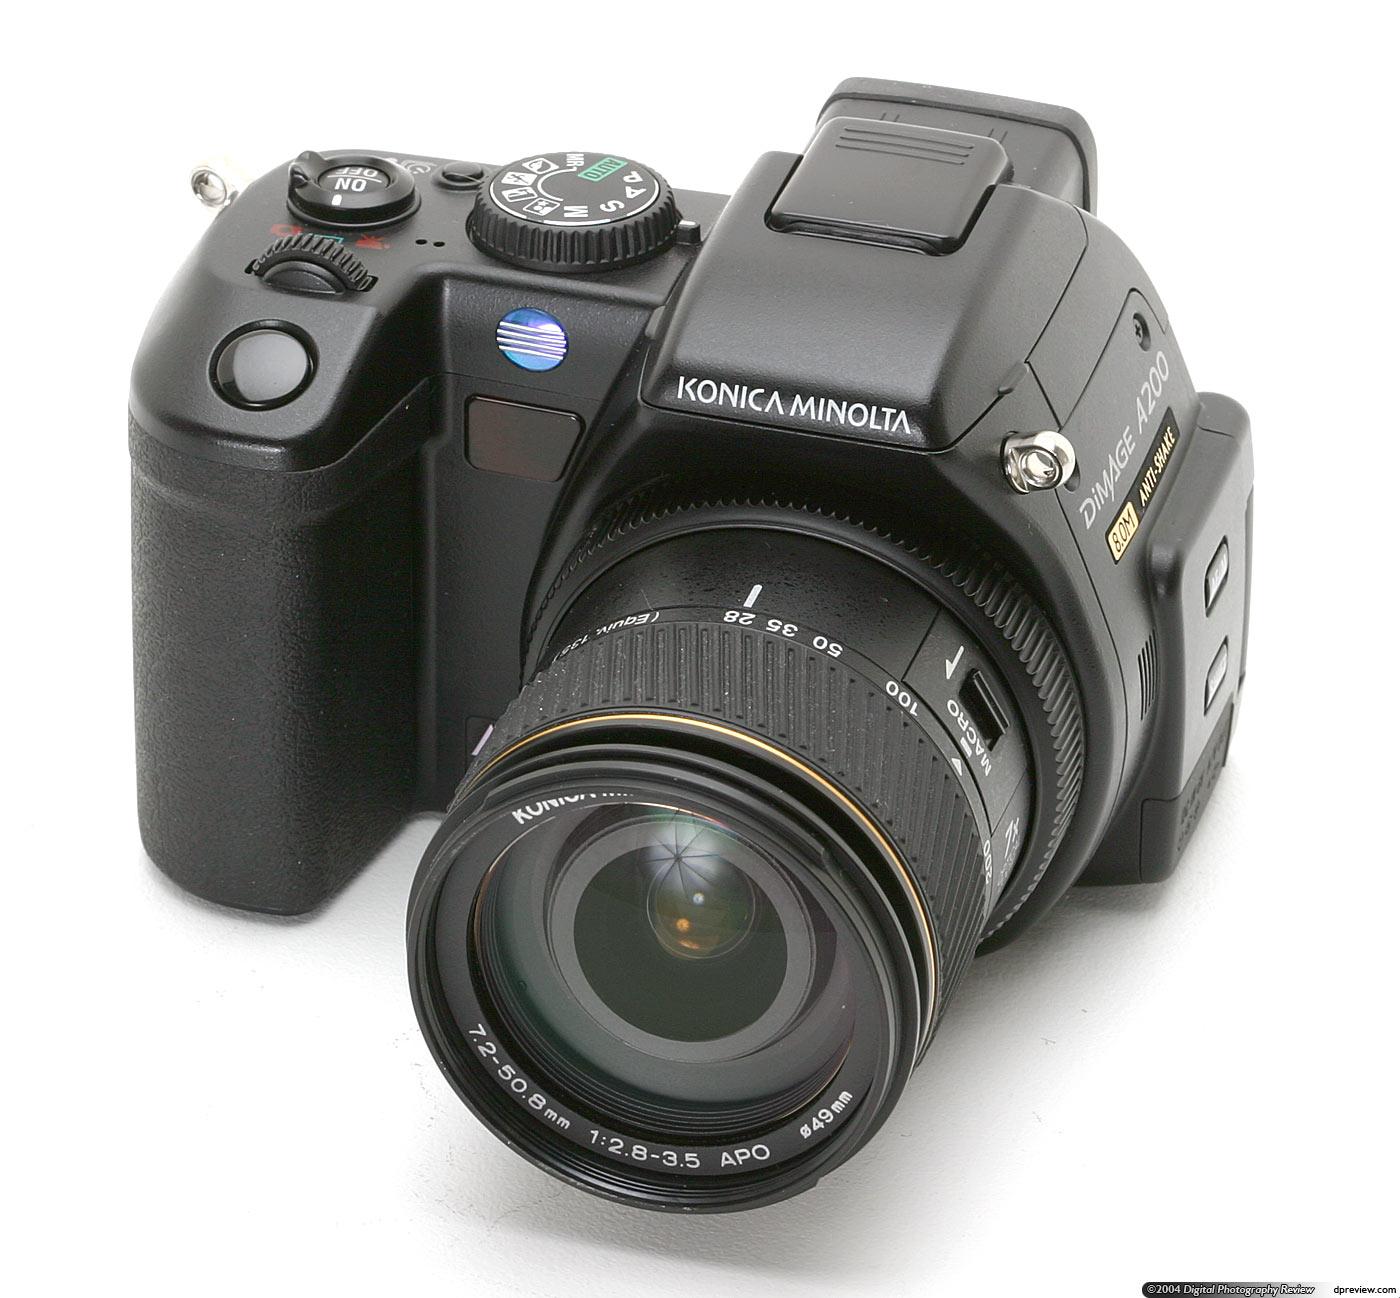 minolta dimage a2 owners manual free owners manual u2022 rh wordworksbysea com Konica Minolta Camera Accessories Konica Minolta DiMAGE Z2 Camera